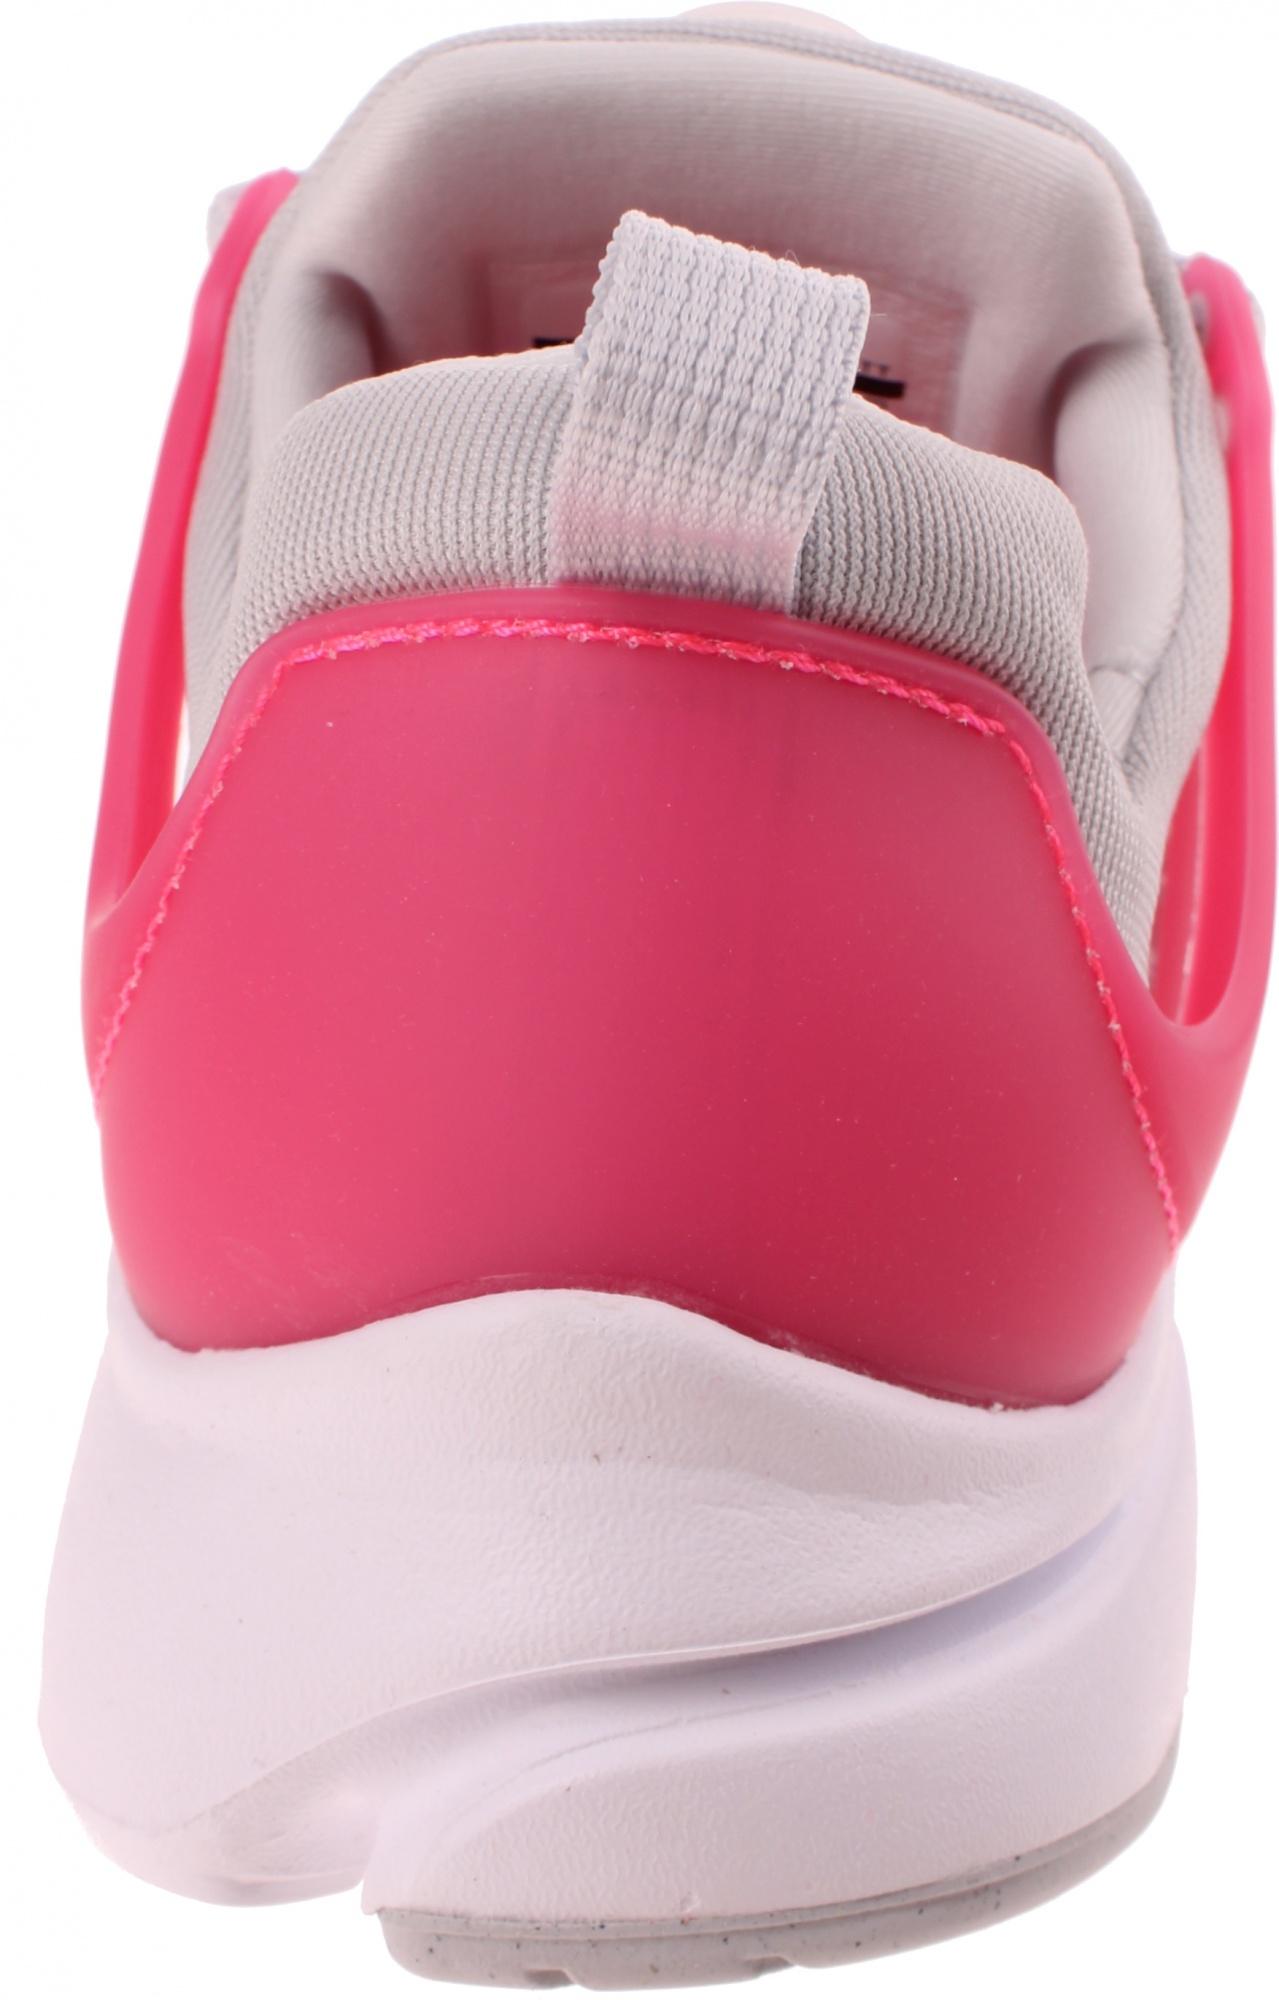 Nike Presto Breathe GS ladies sneakers gray pink